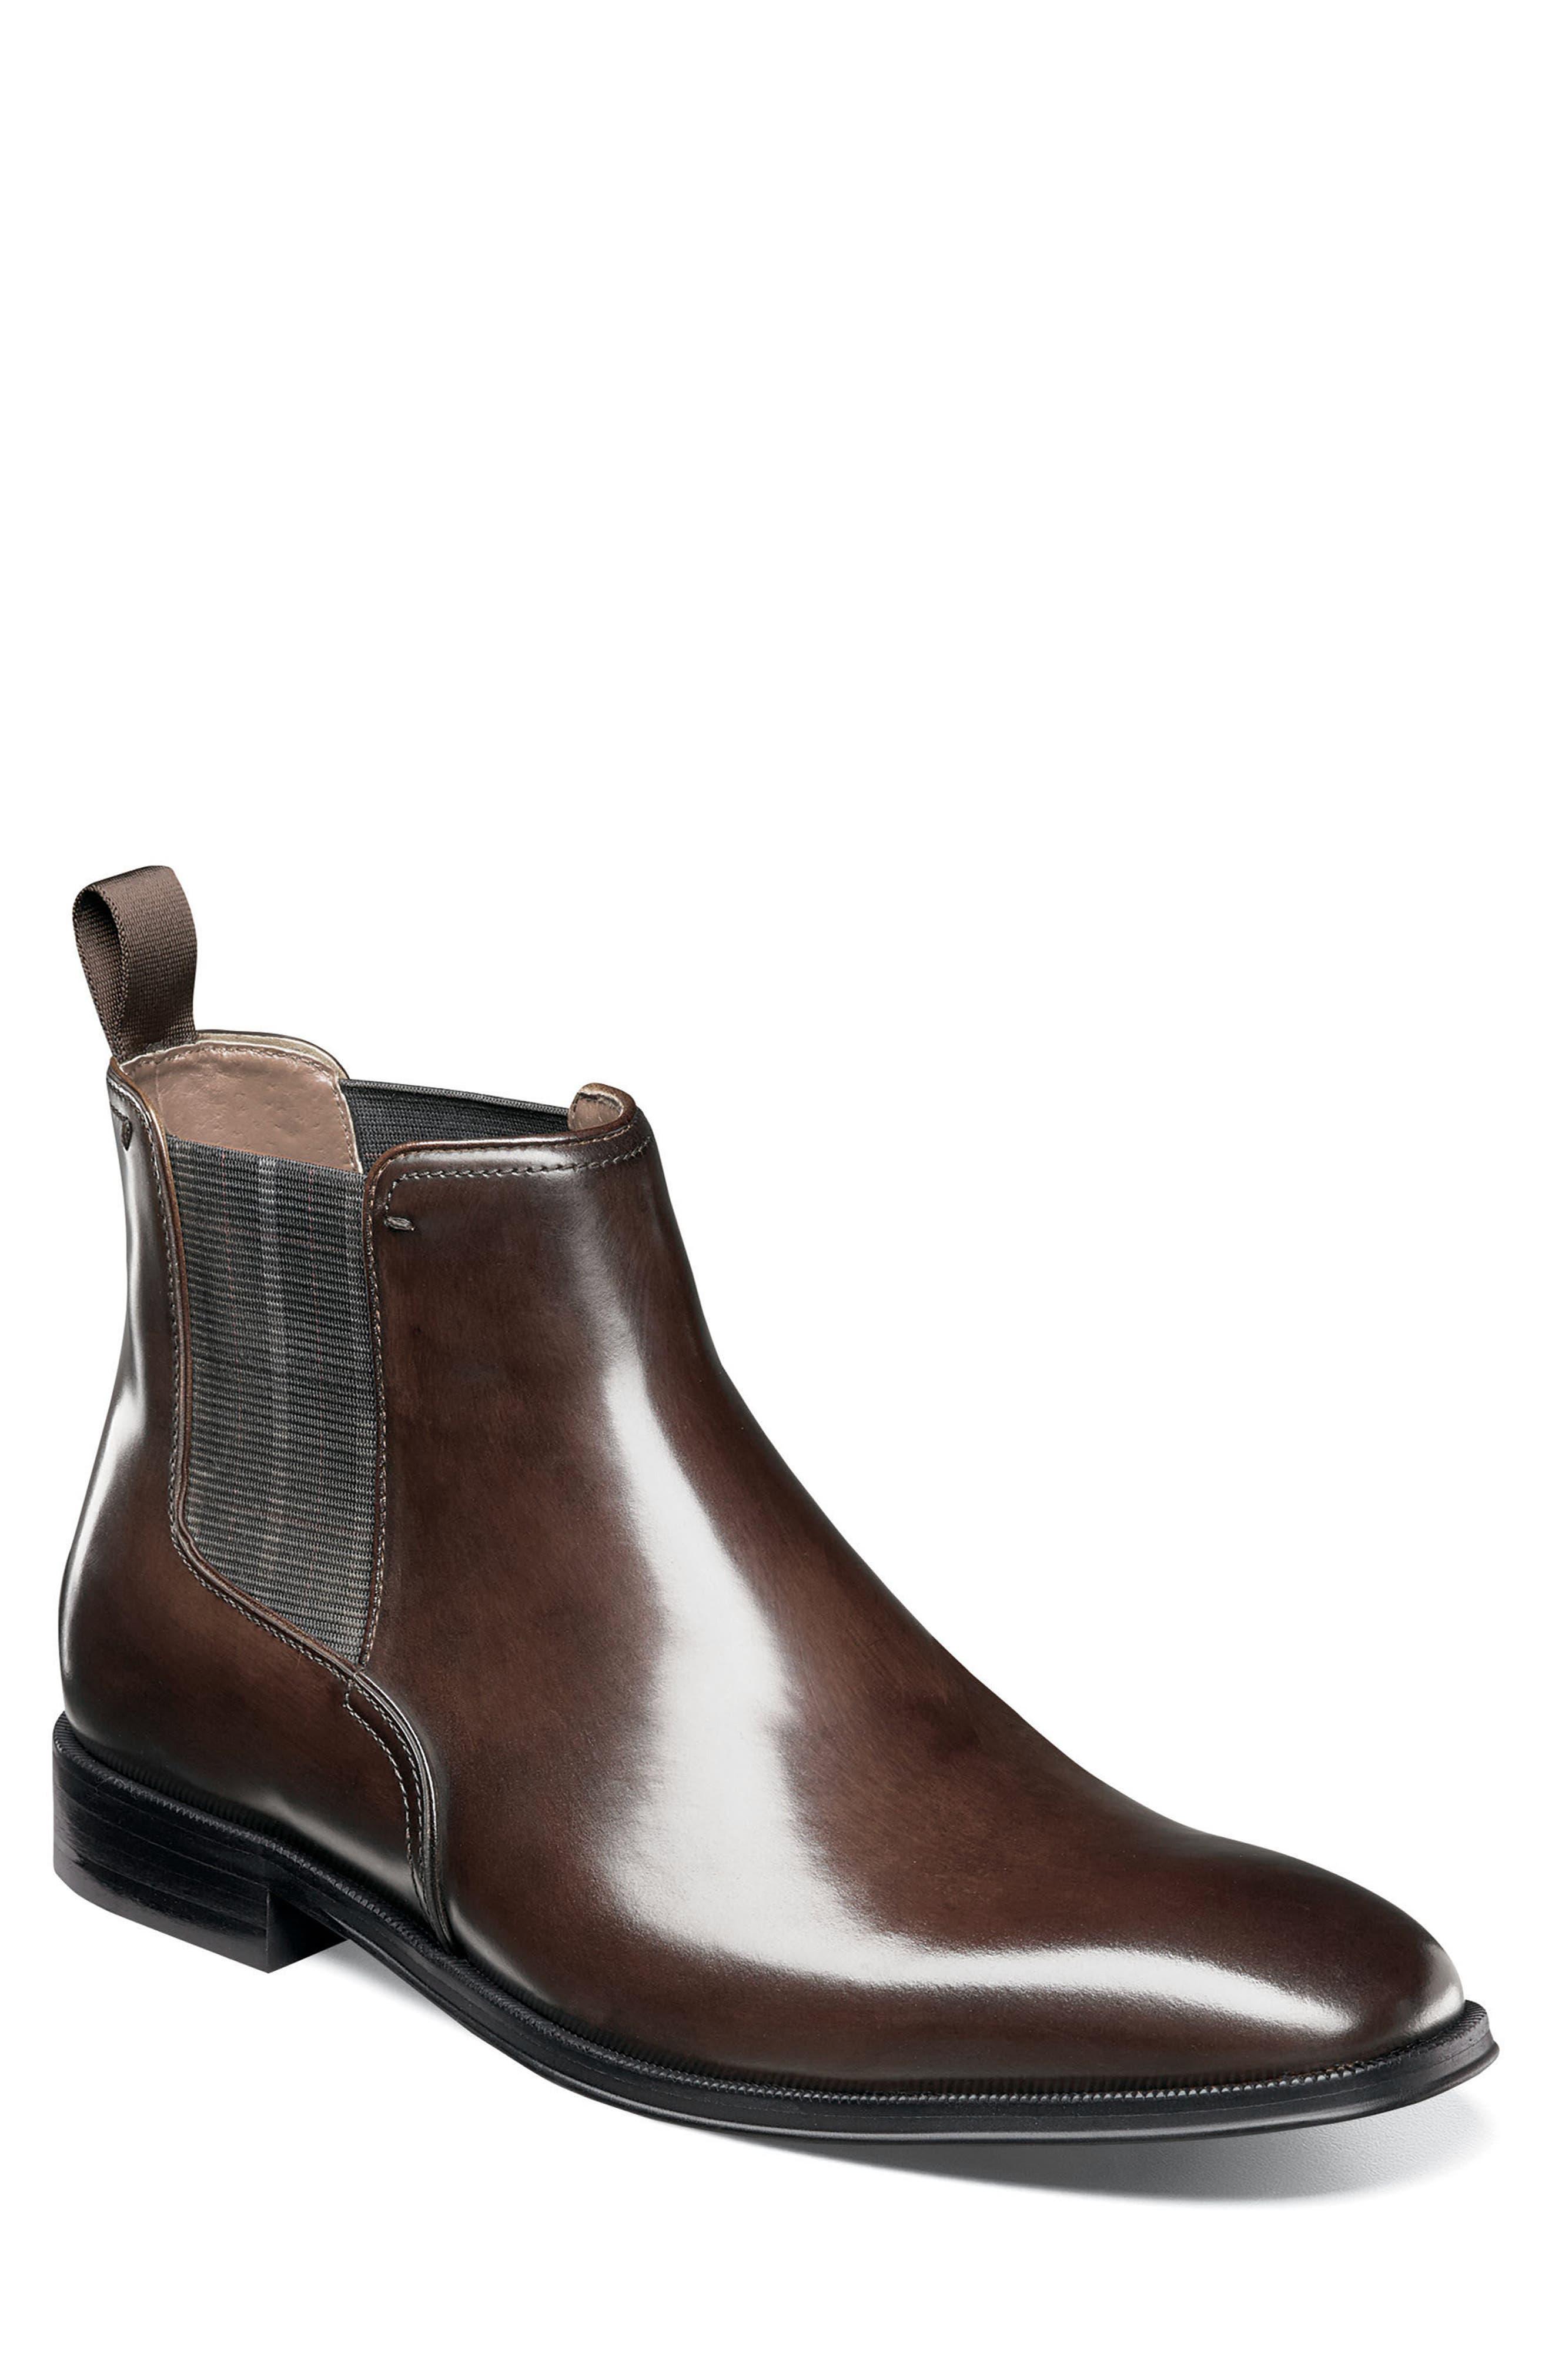 Alternate Image 1 Selected - Florsheim Belfast Chelsea Boot (Men)